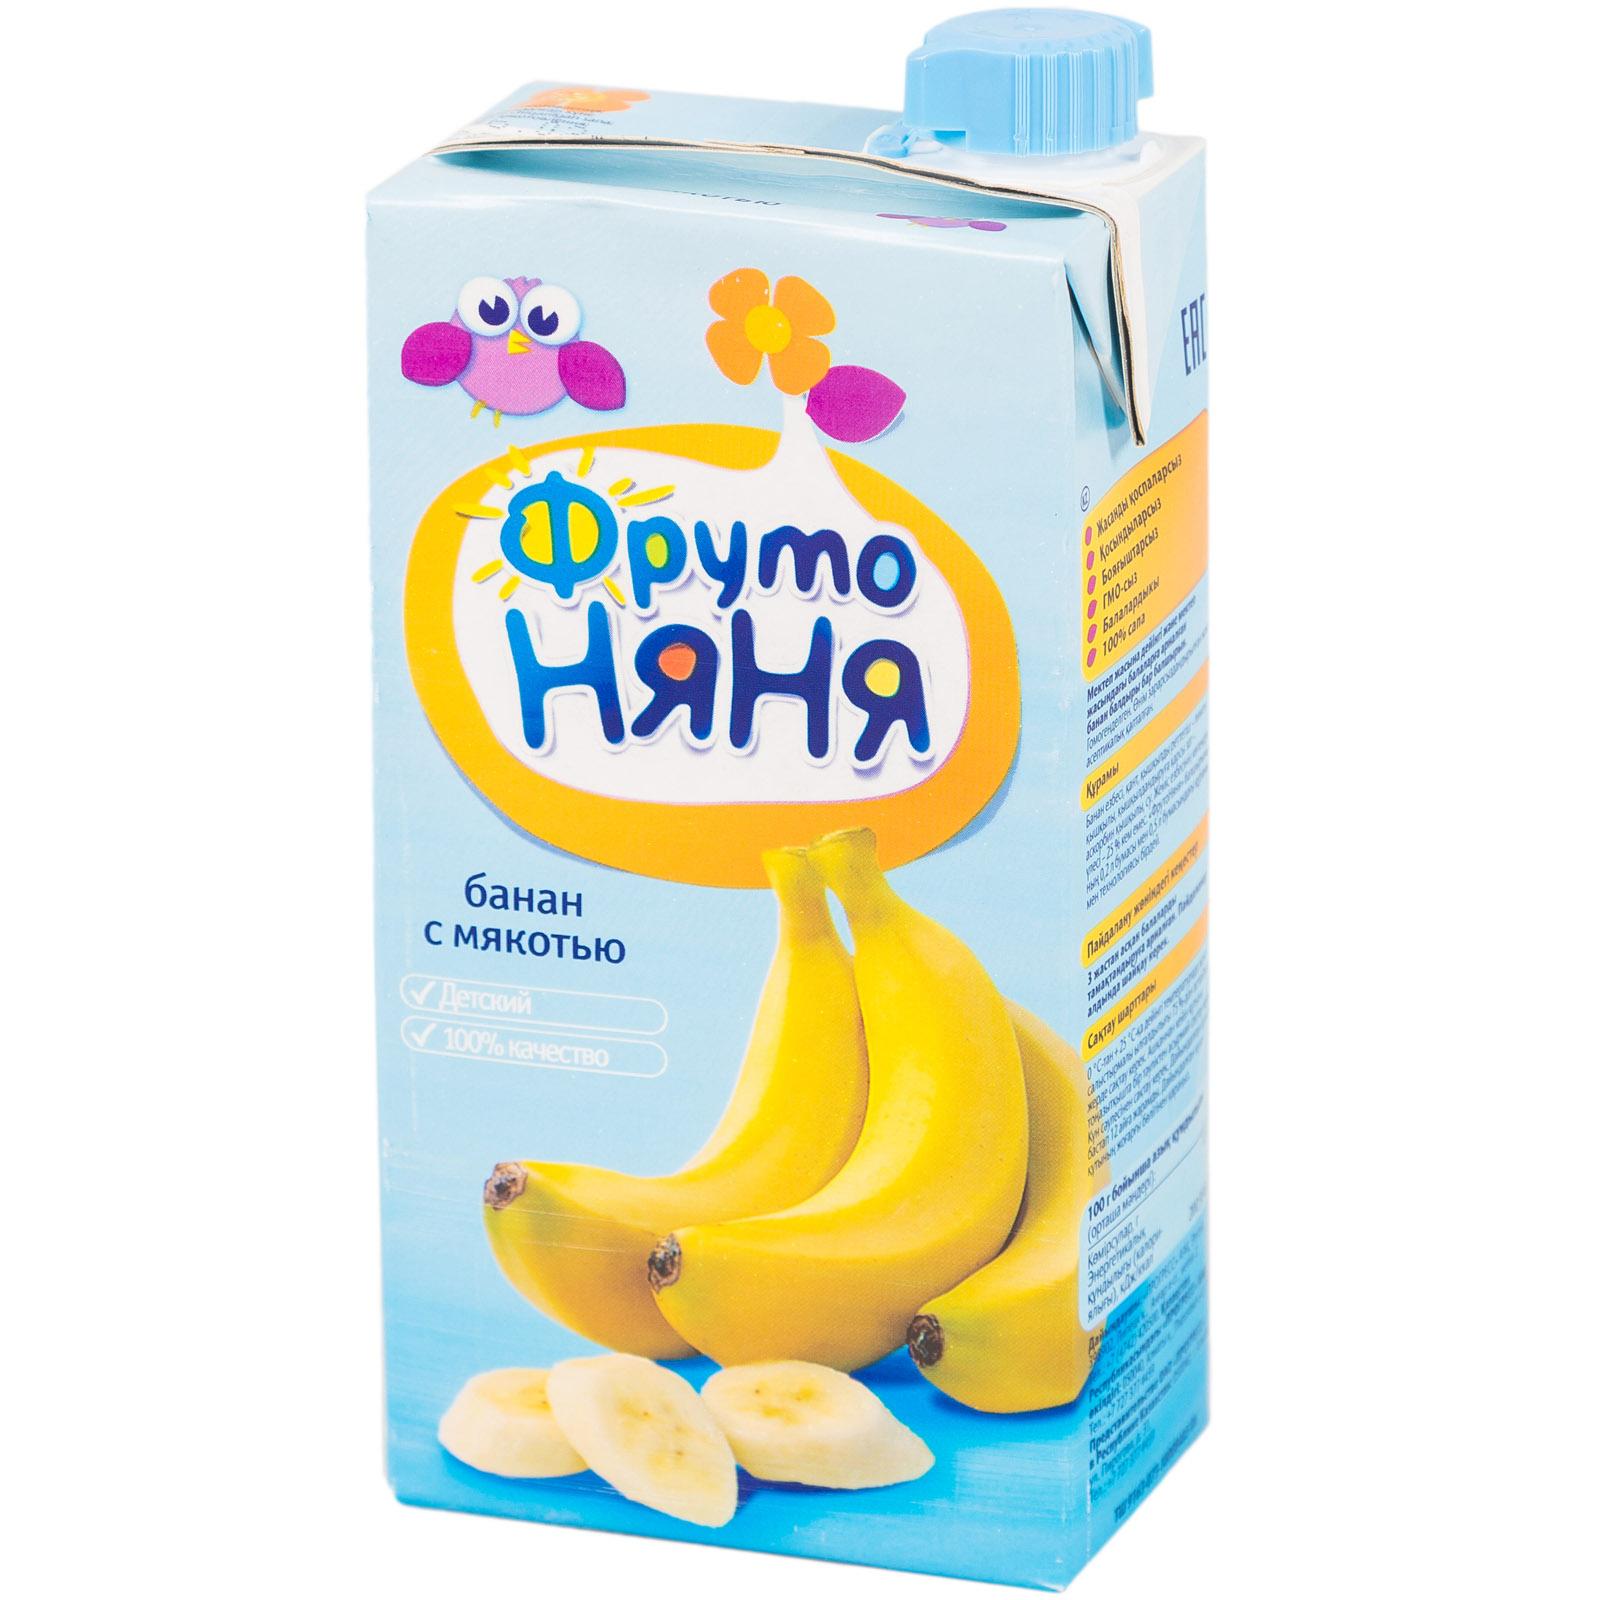 Сок Фрутоняня 500 мл Банан с мякотью (с 3 лет)<br>